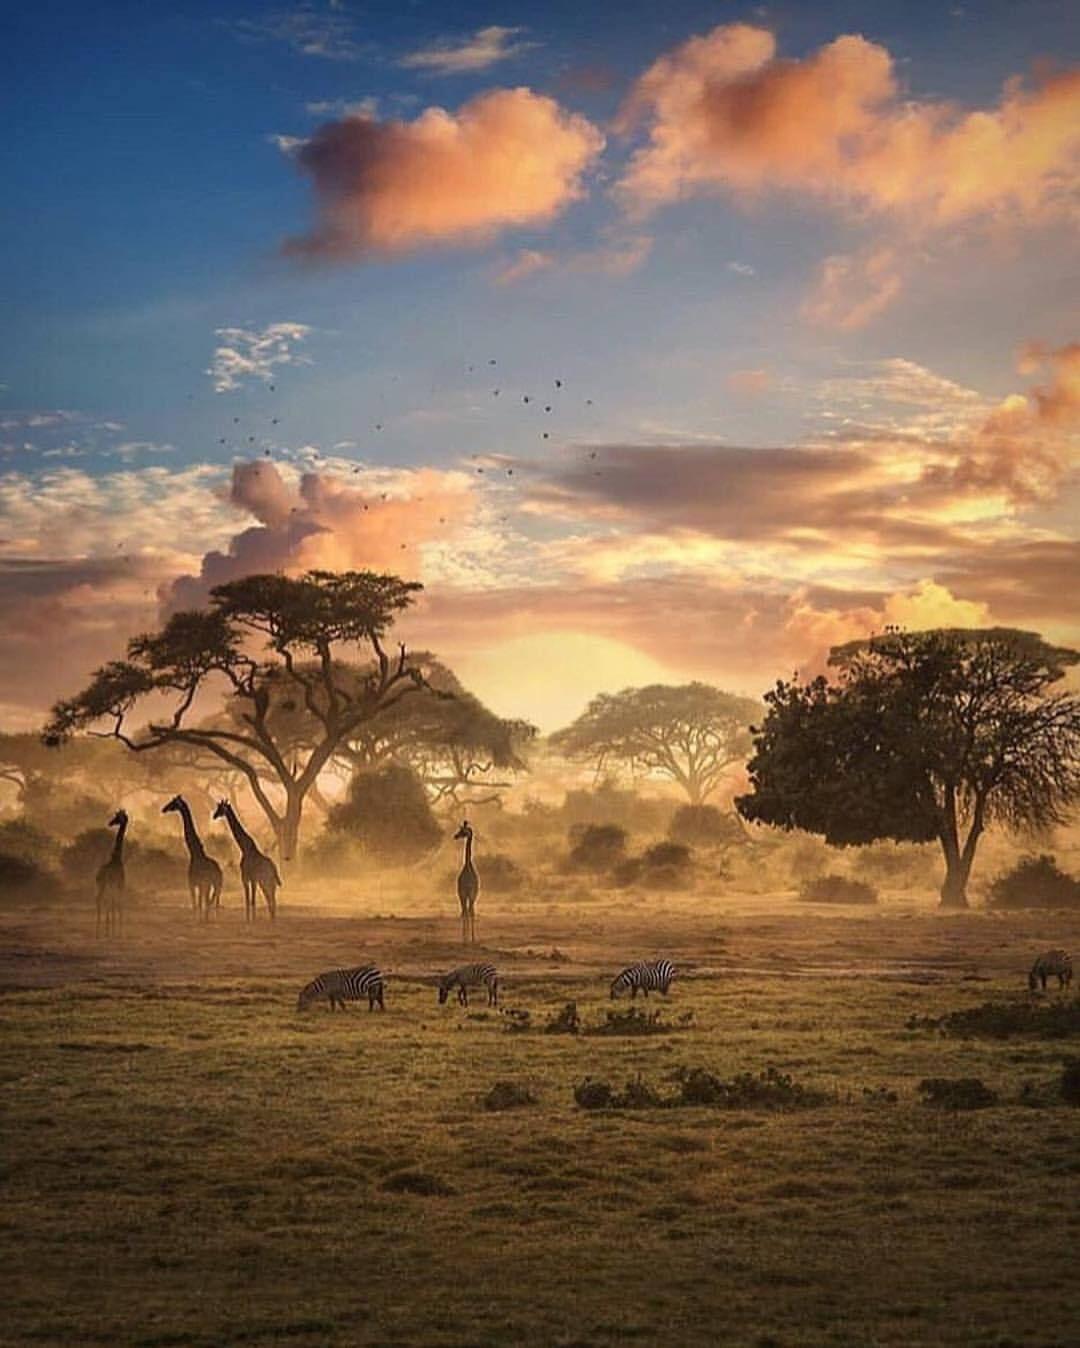 Enau So Stellt Man Sich Afrika Vor Elefanten Zebras Giraffen